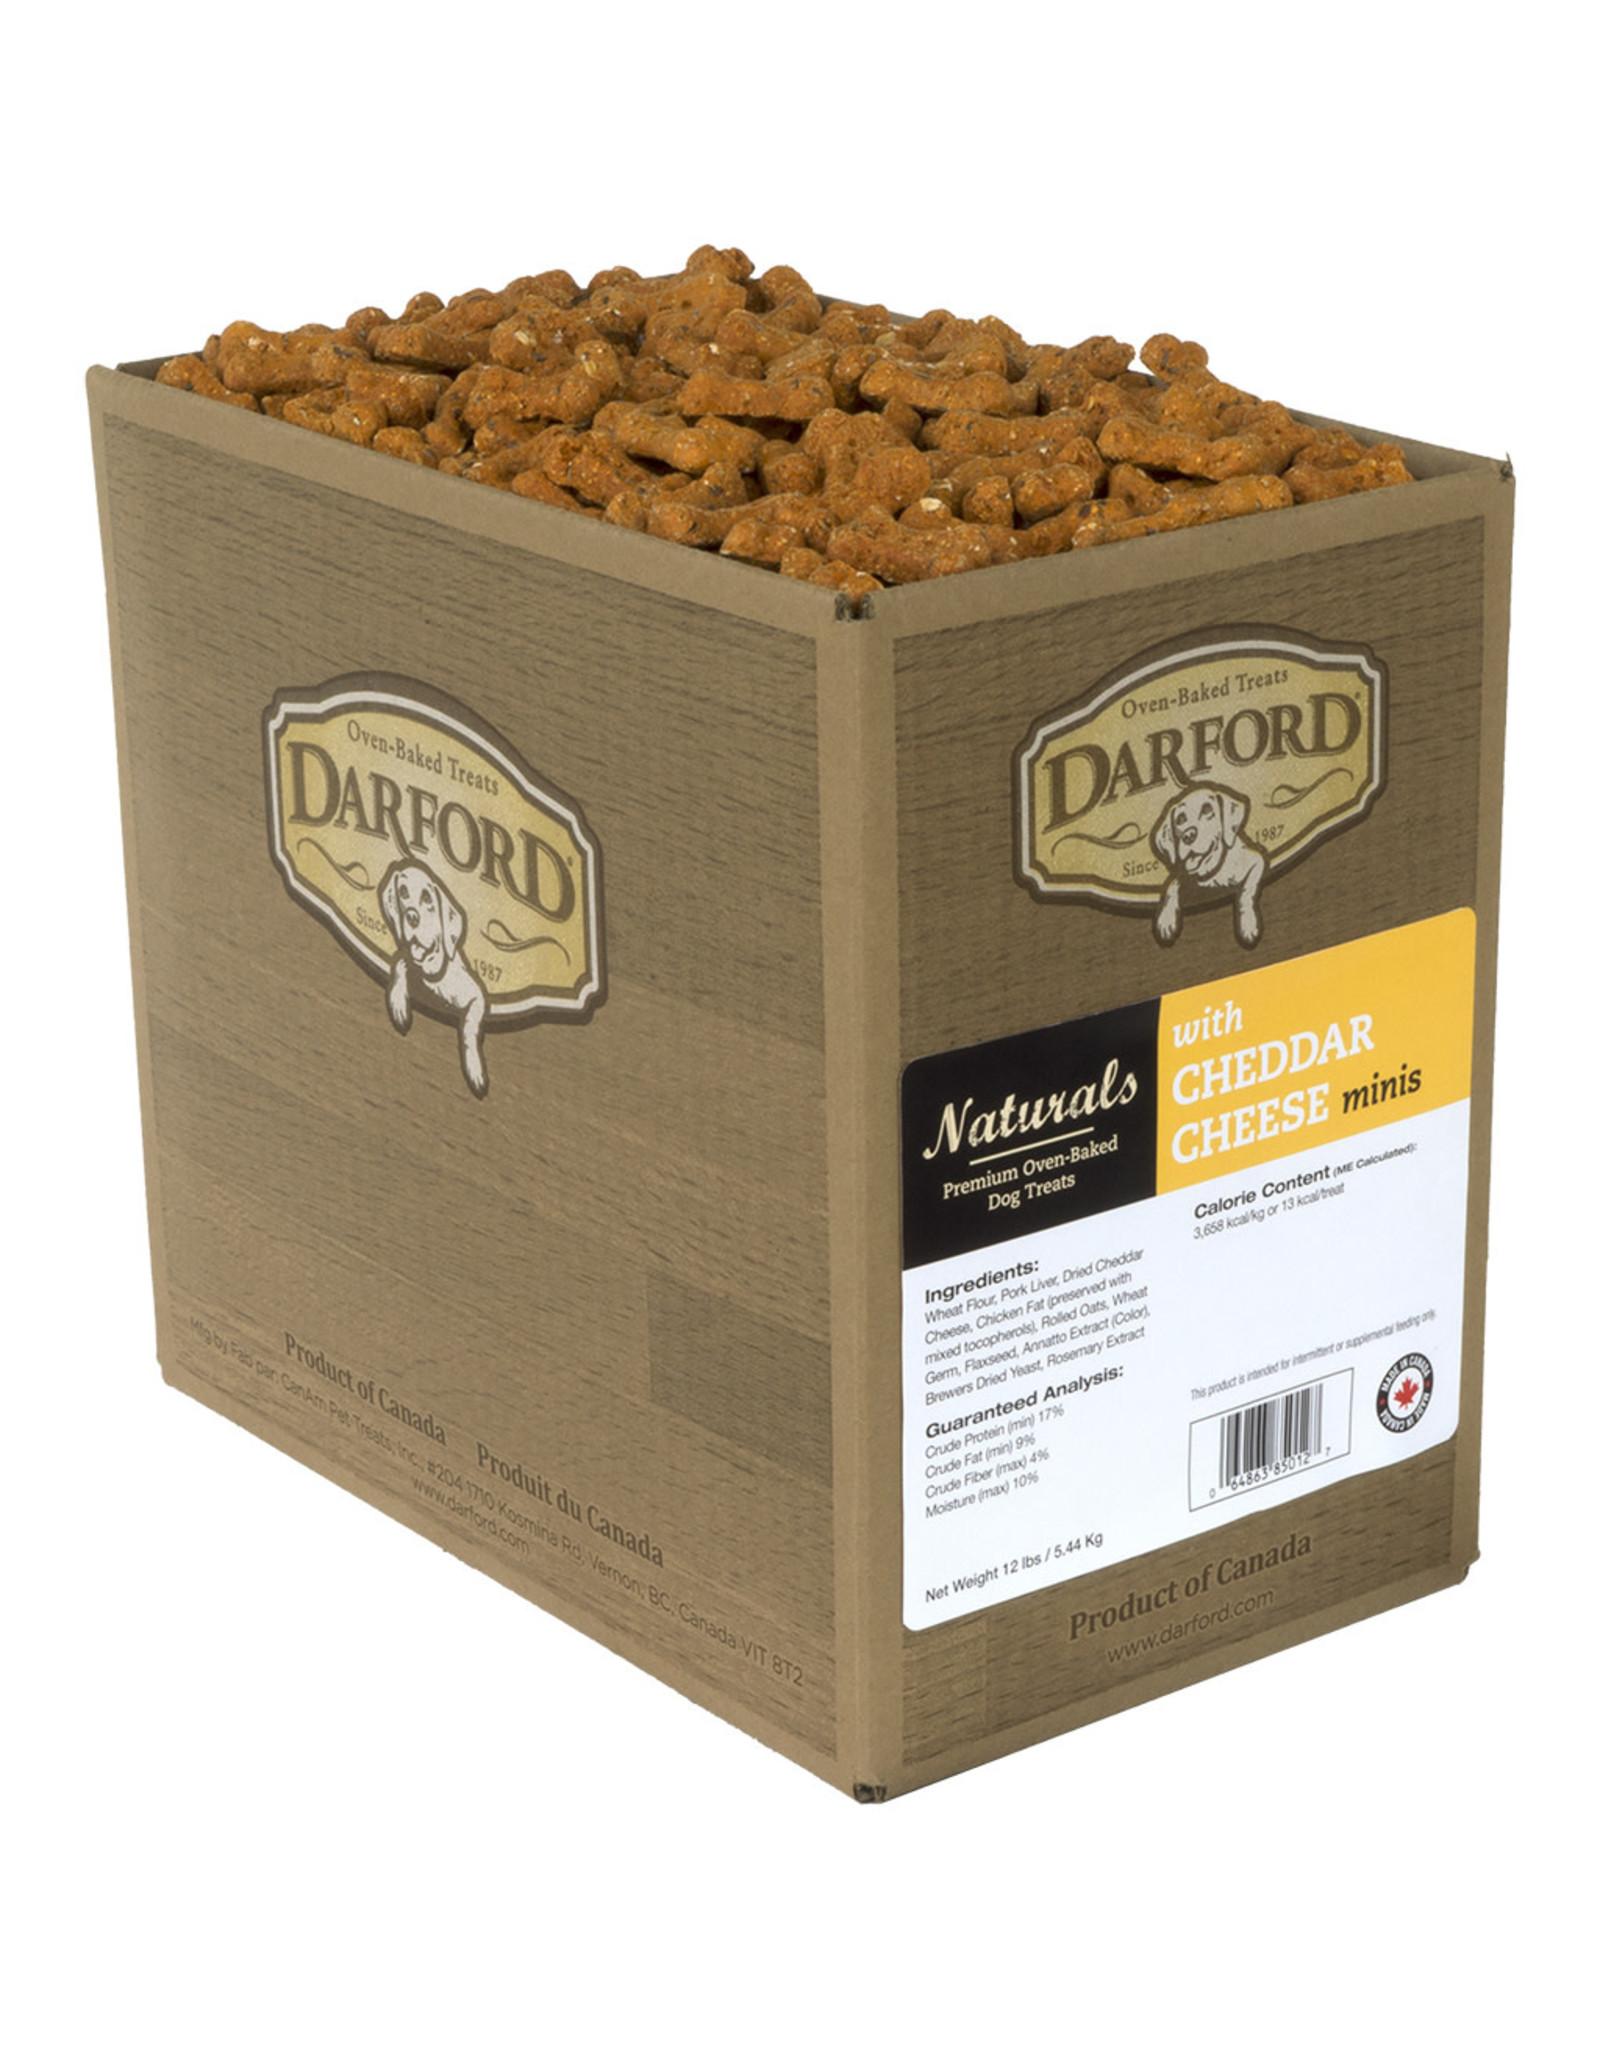 Darford Darford - Naturals Cheddar Cheese Minis (per ounce)